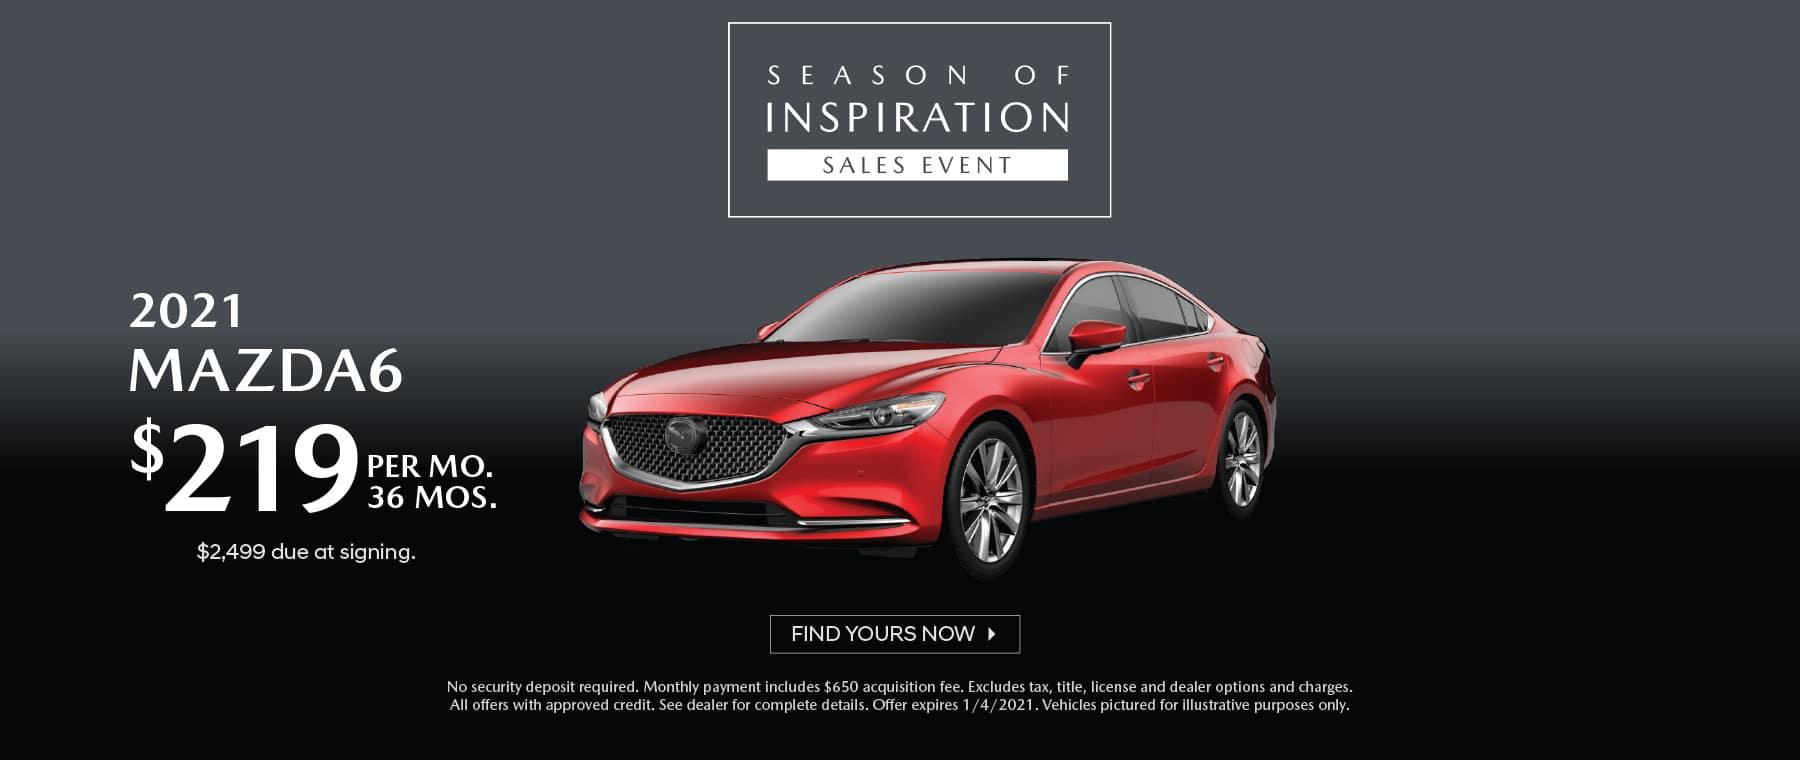 2020.11.24-Keffer-Mazda-Offer-December-Banners-S49668vw-4